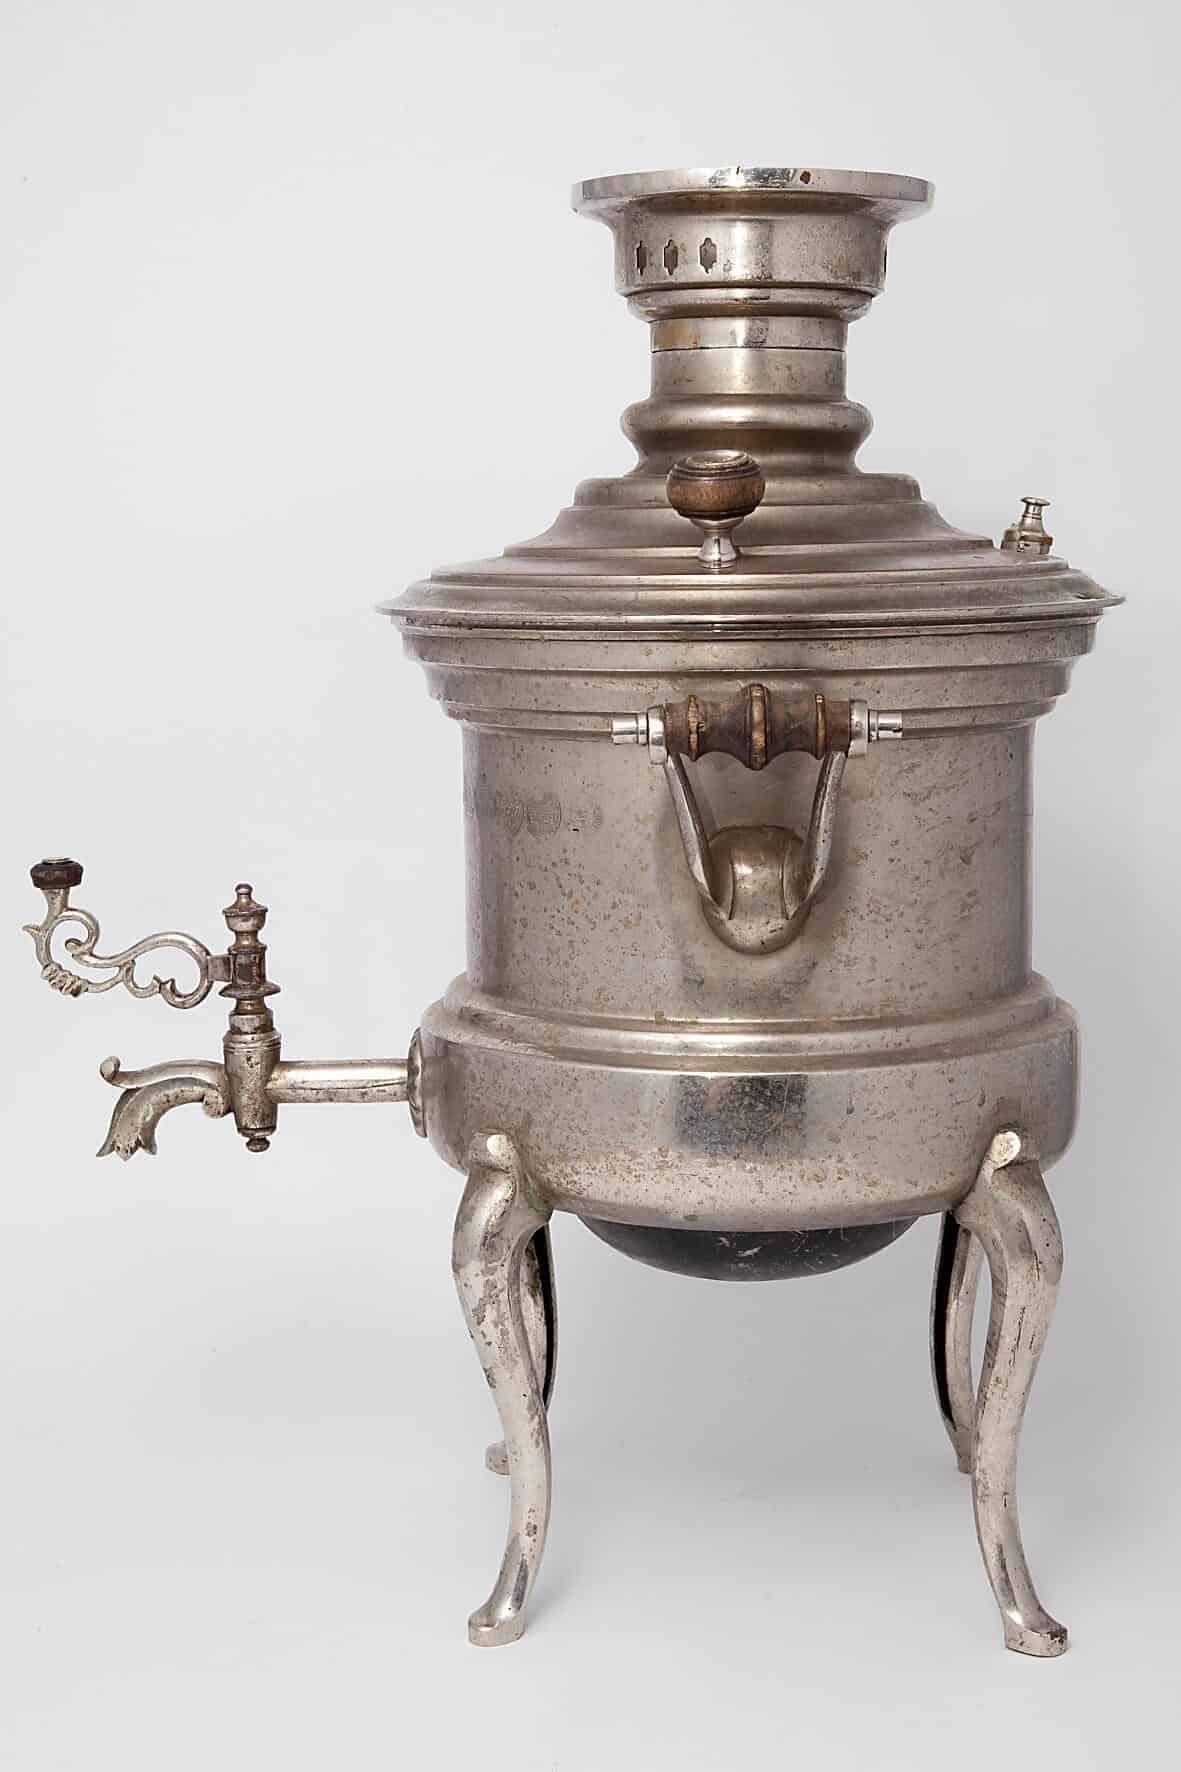 КБ 467 | Самовар для нагревания на плите | Музей самоваров и бульоток